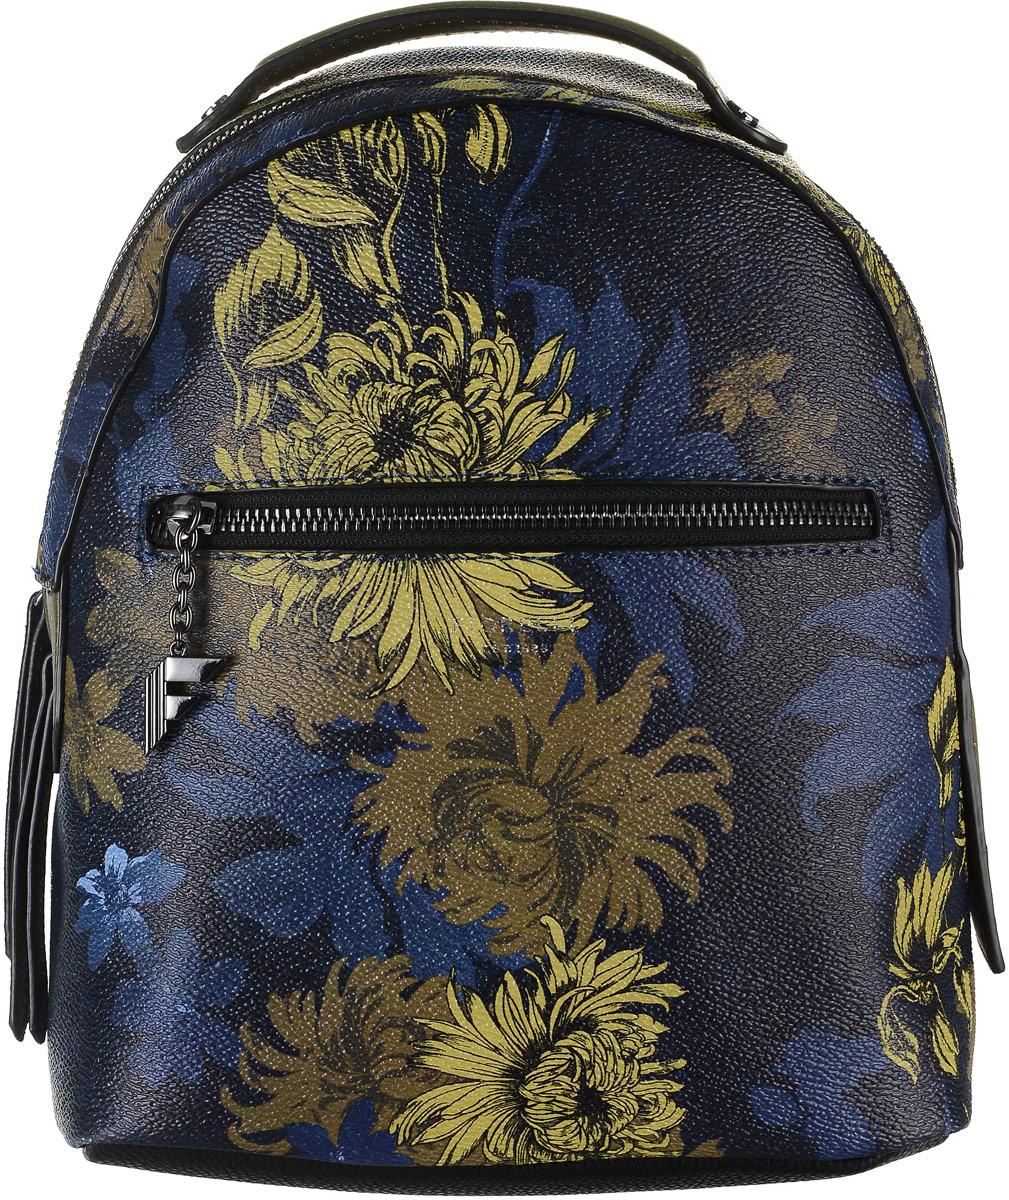 Рюкзак женский Fiorelli, цвет: синий. 8516 FH8516 FH Navy FloralСтильный рюкзак Fiorelli выполнен из экокожи с зернистой фактурой и ярким цветочным принтом, оснащен двумя плечевыми регулируемыми ремнями на спинке и удобной ручкой для переноски. Рюкзак закрывается на молнию, внутри имеет одно вместительное отделение, четыре накладных кармана и один вшитый карман на застежке-молнии. На внешней стороне спереди имеется прорезной карман для мелочей на молнии и вертикальный карман на застежке-молнии с тыльной стороны изделия. Рюкзак Fiorelli - это выбор молодой, уверенной, стильной женщины, которая ценит качество и комфорт. Изделие станет изысканным дополнением к вашему образу.